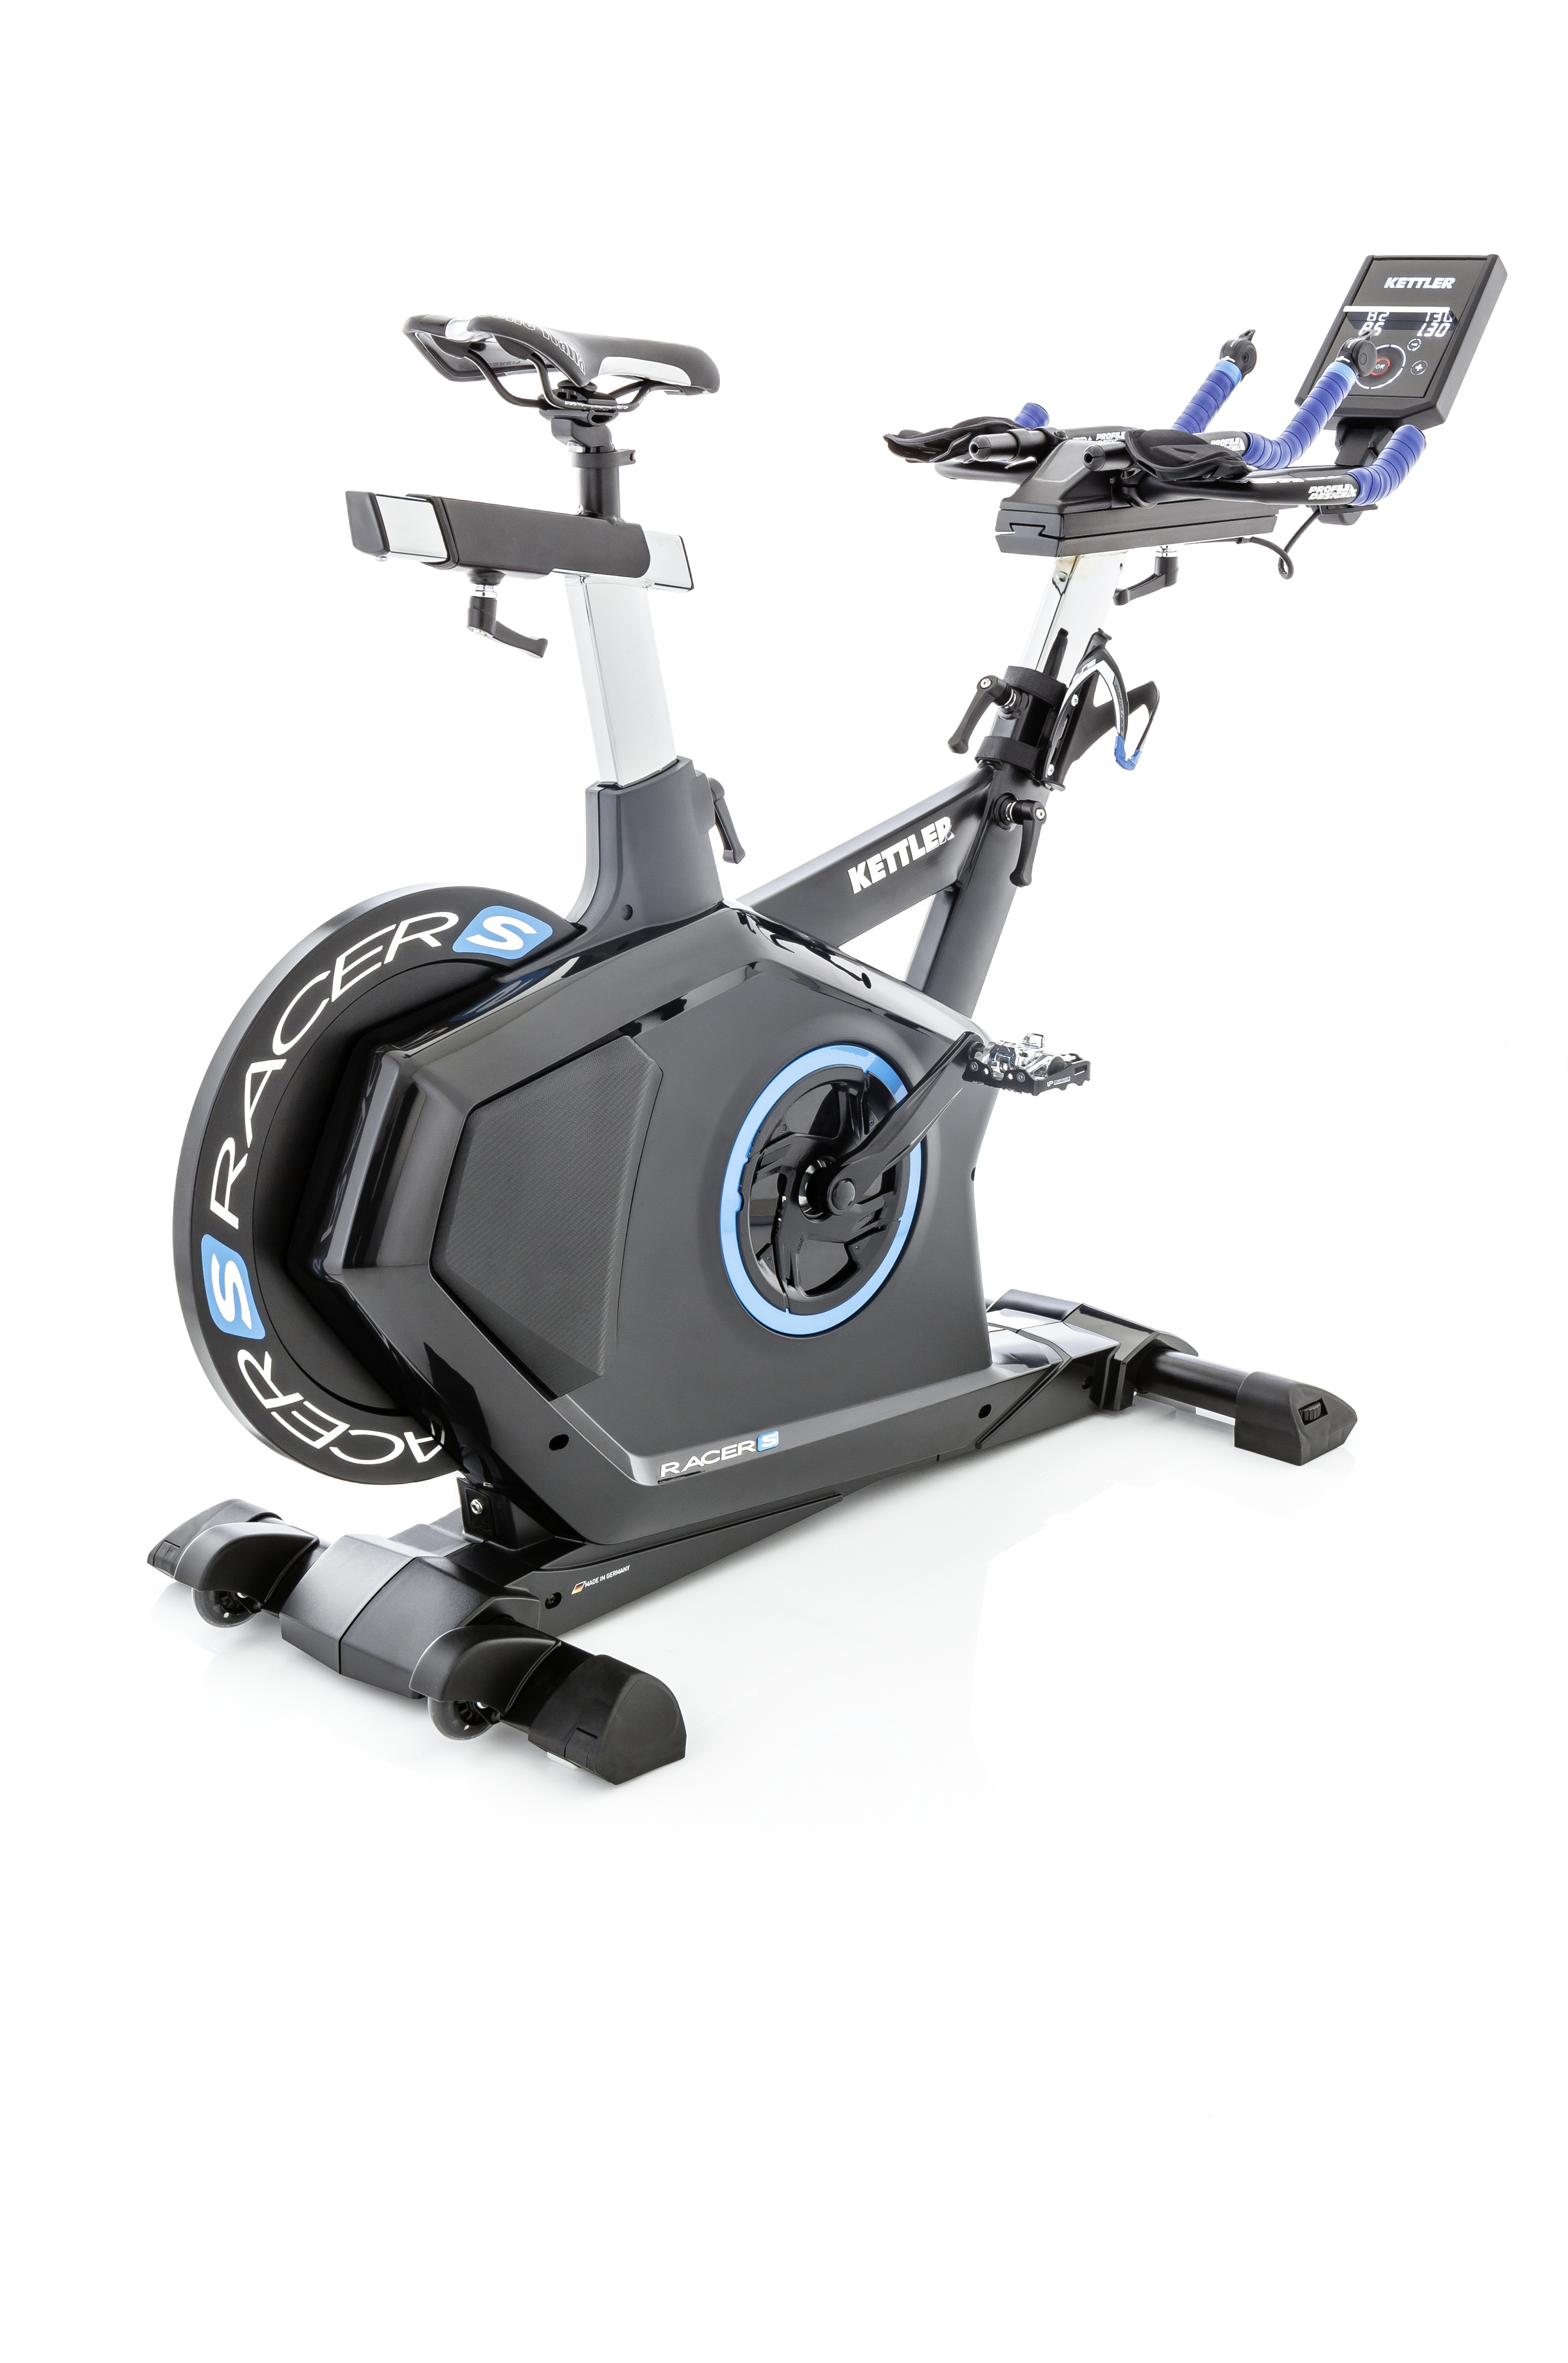 kettler racer s ergometri kuntopy r t kuntoilulaitteet fitness ja kuntoilu urheilu. Black Bedroom Furniture Sets. Home Design Ideas